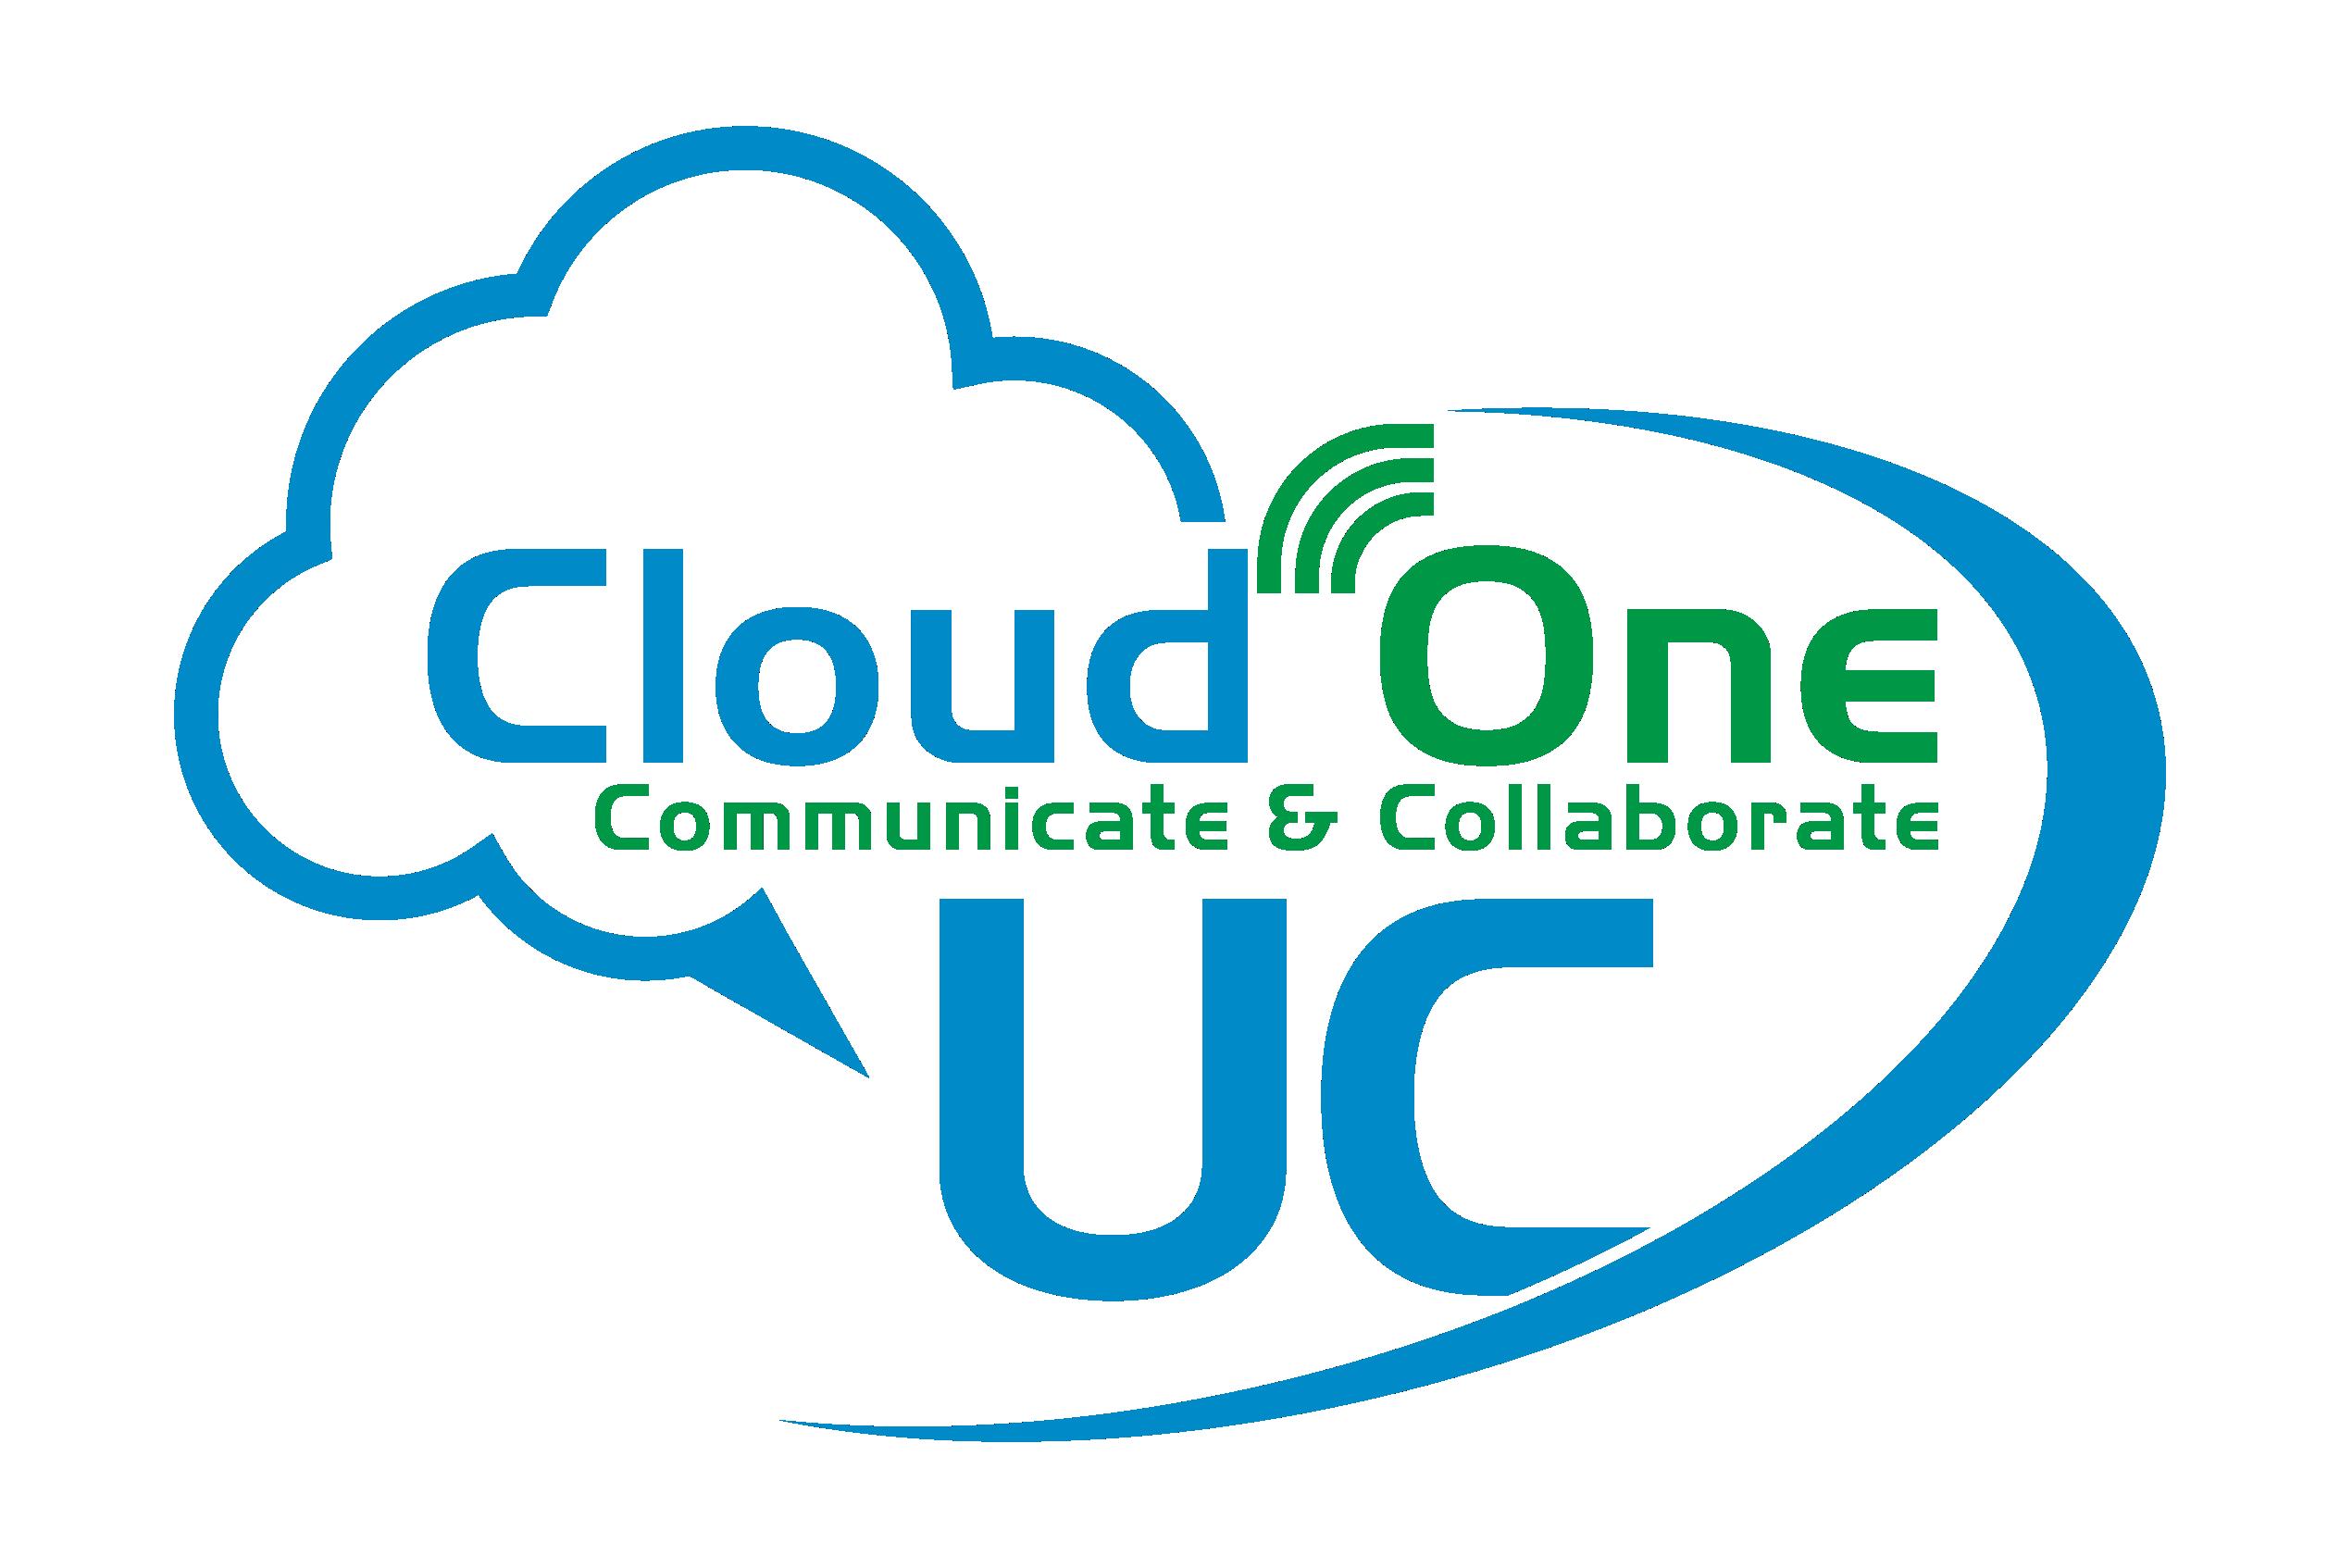 cloudoneuc.com